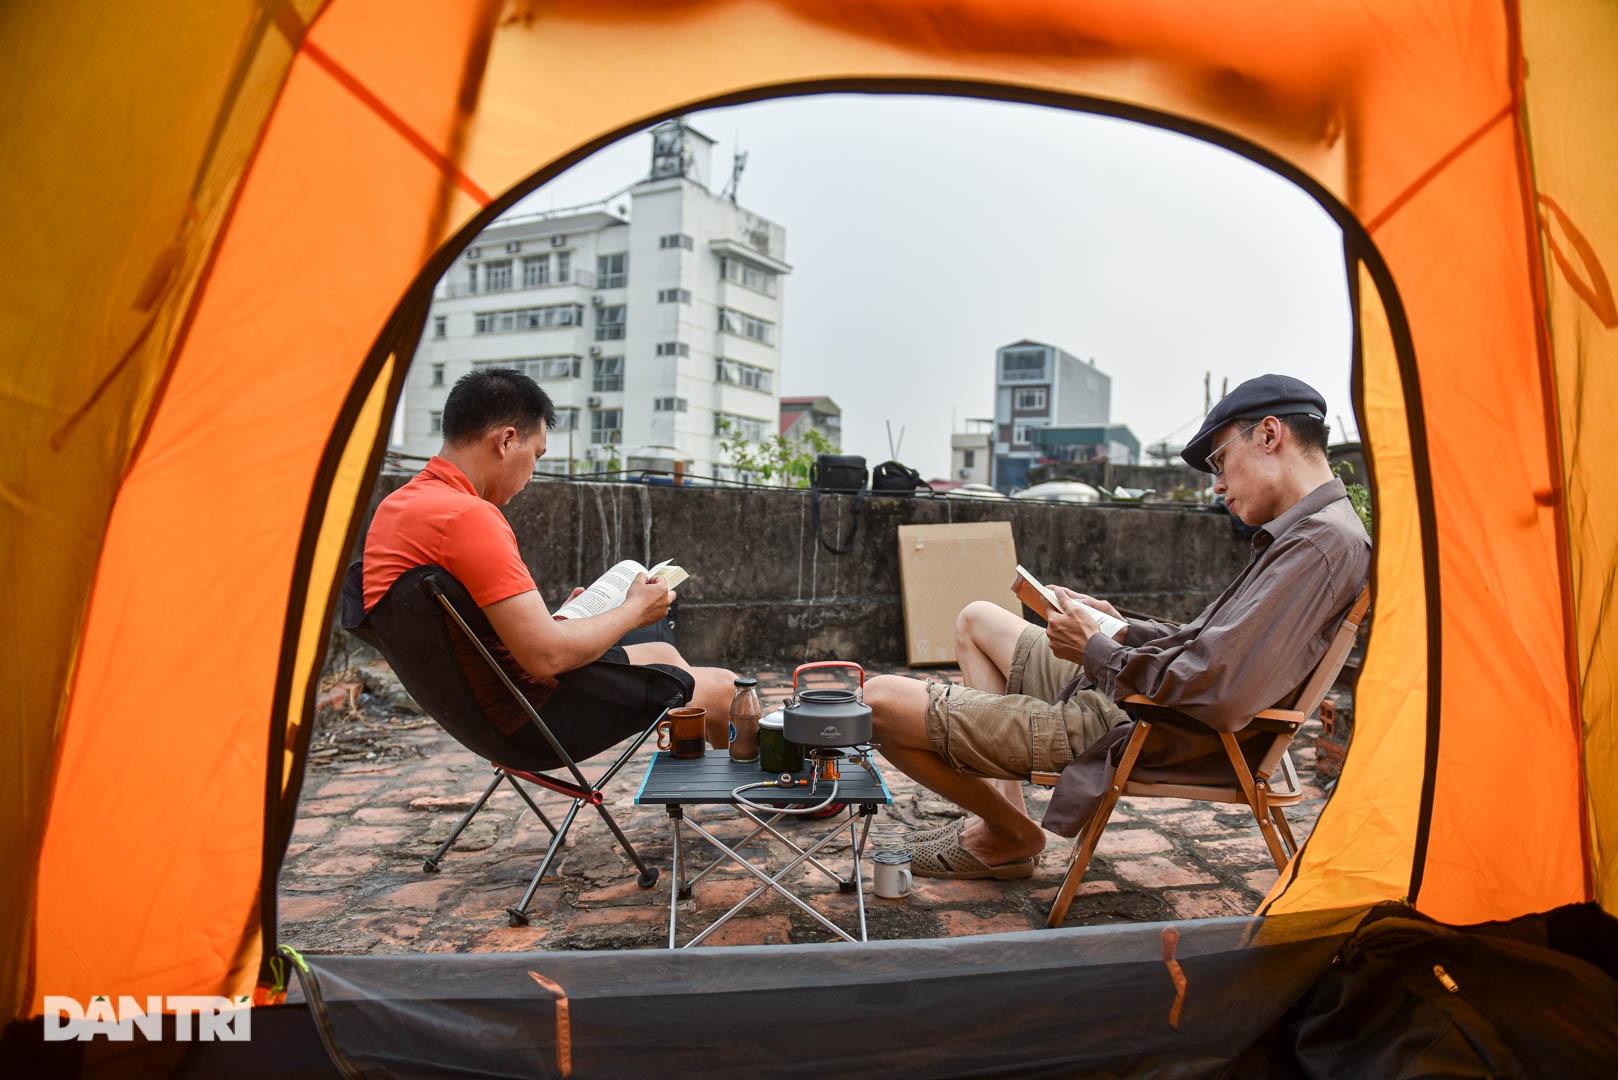 Thèm du lịch, giới trẻ đầu tư cắm trại tại gia: Chỉ ngắm nóc nhà vẫn vui - 9